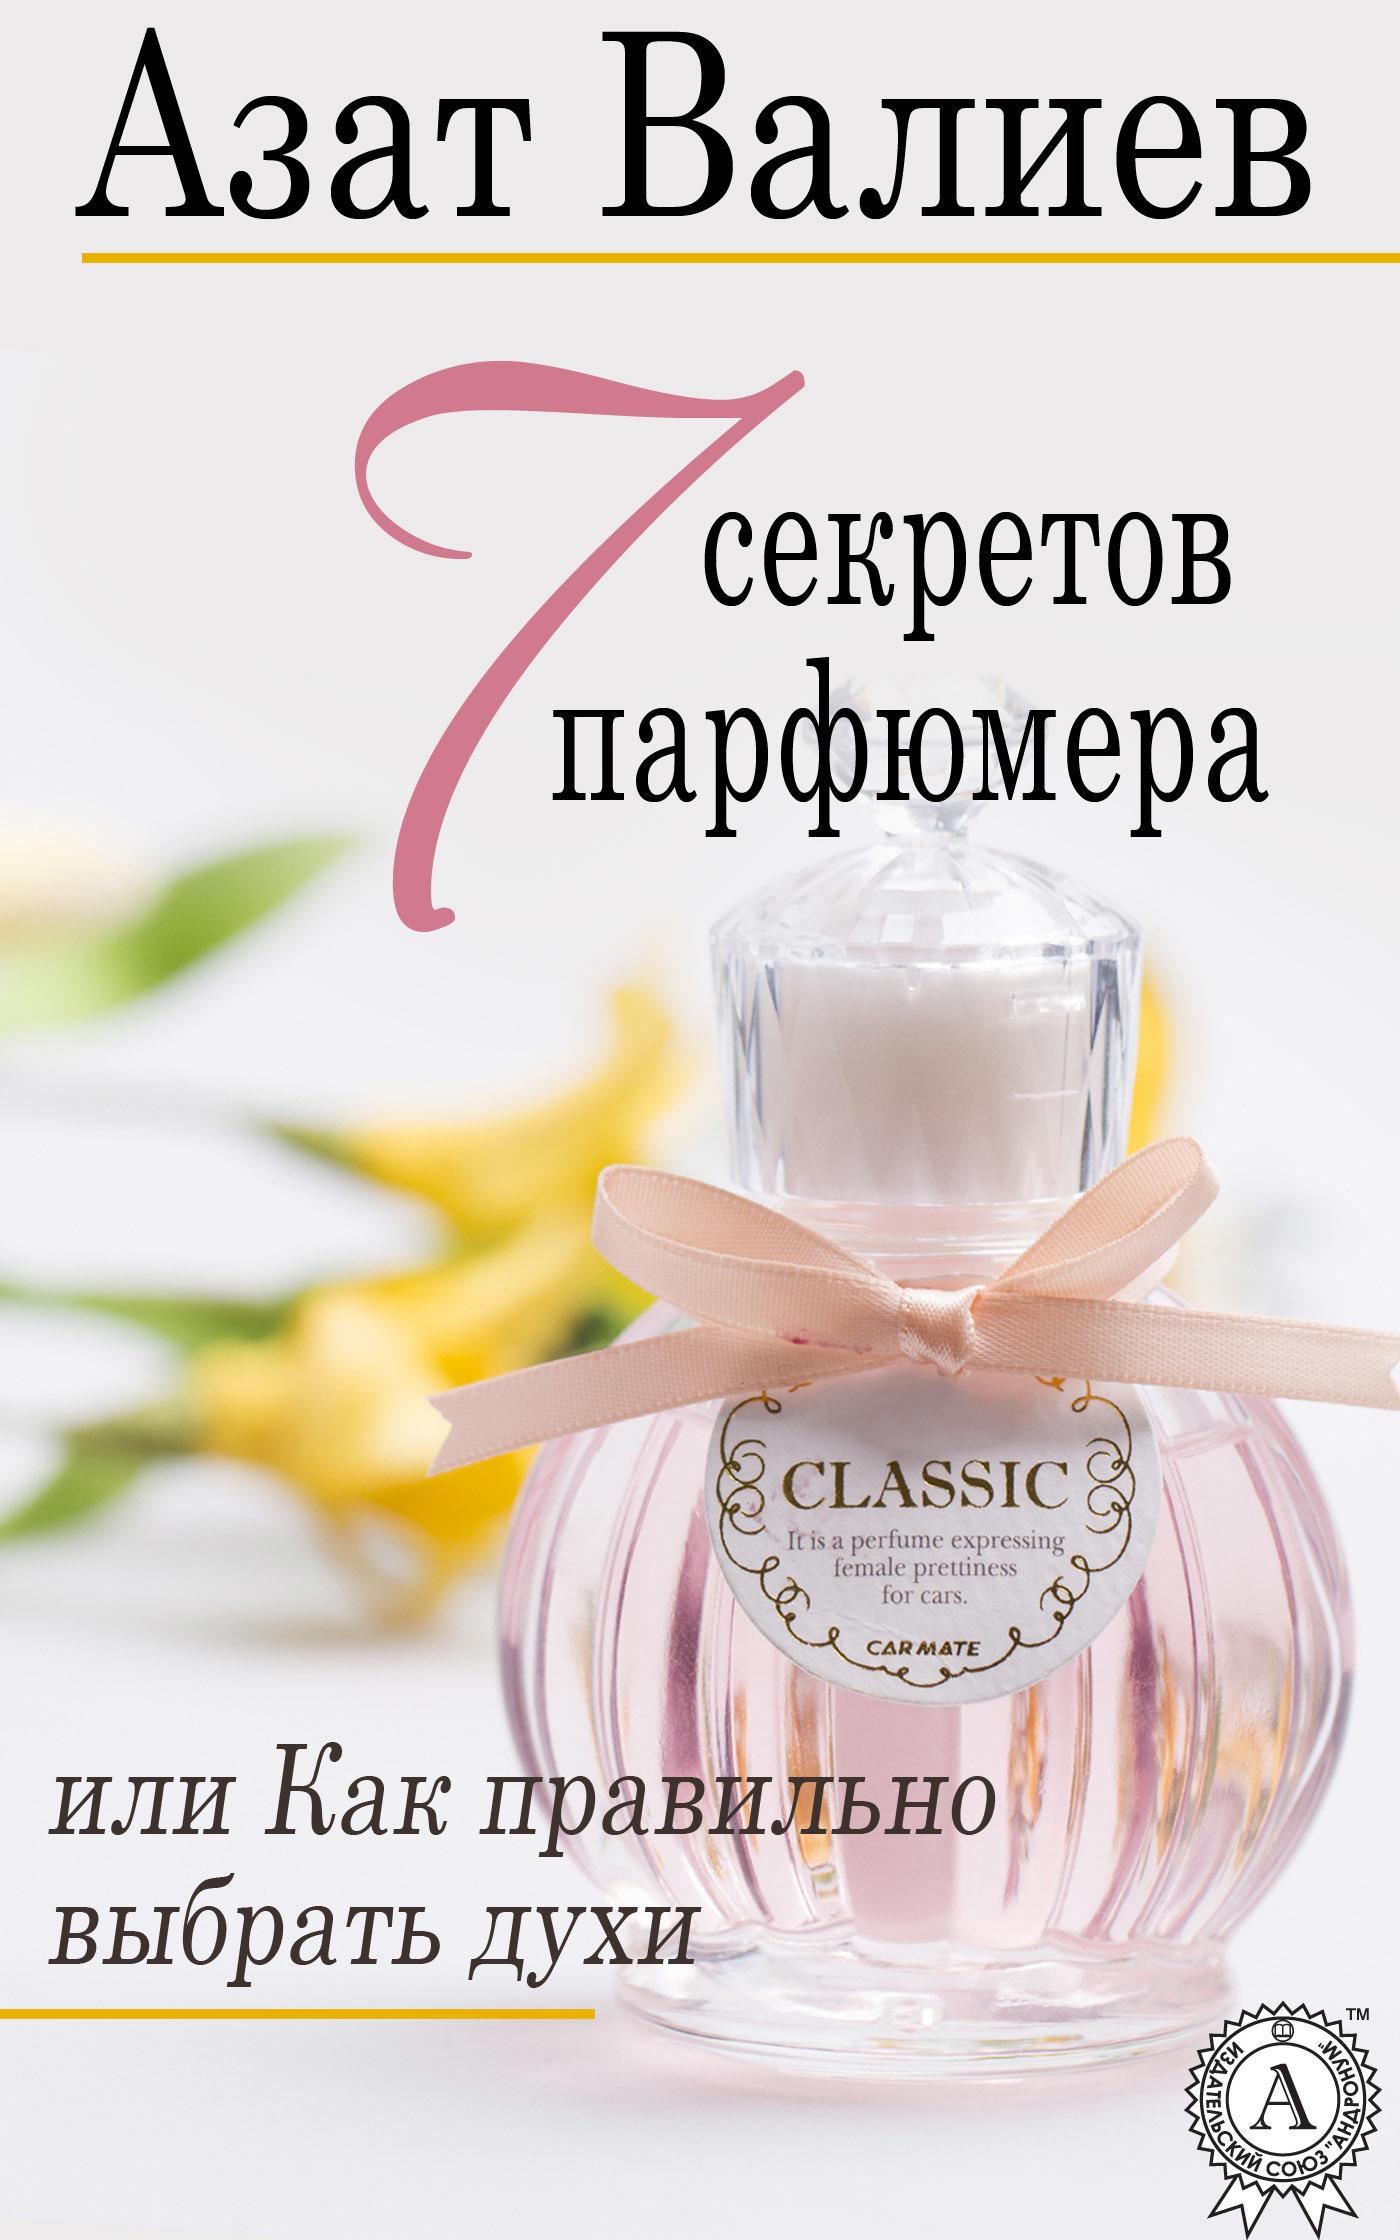 Азат Валиев 7 секретов парфюмера, или Как правильно выбрать духи азат валиев 7 секретов парфюмера или как правильно выбрать духи